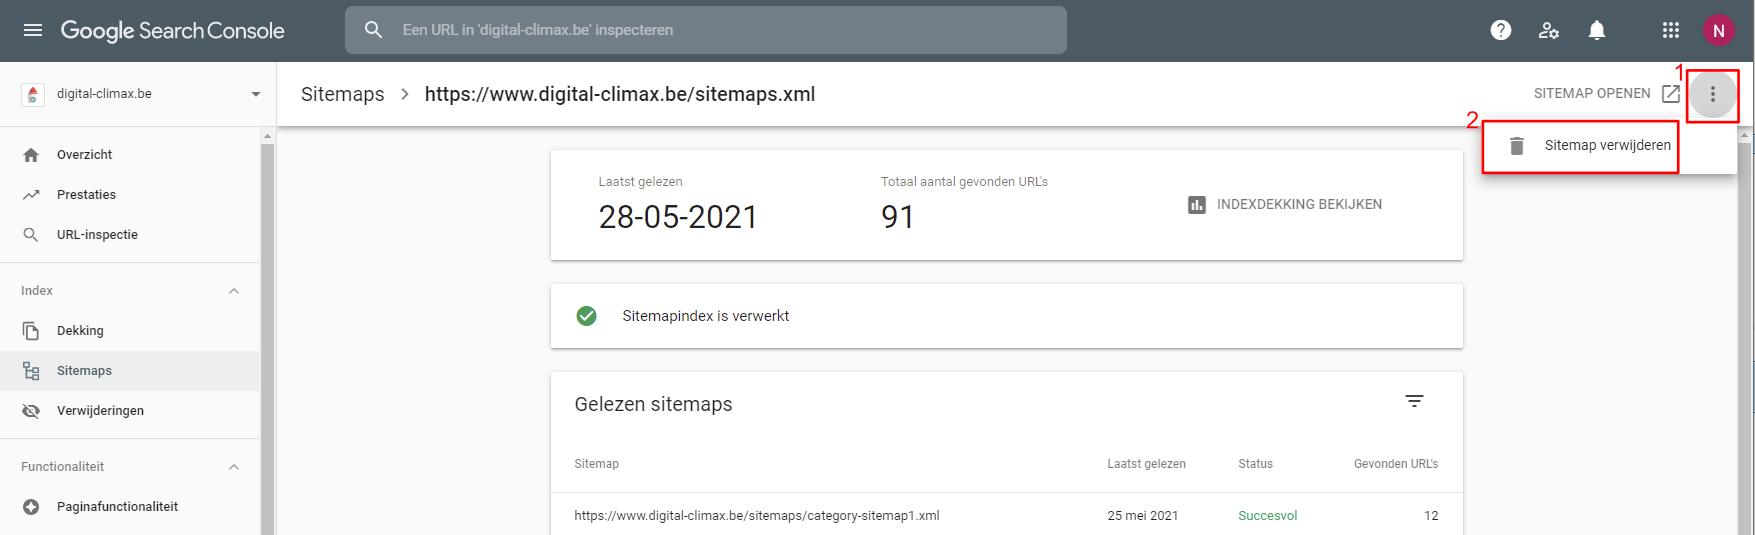 Verwijder de Sitemap uit Google Search Console